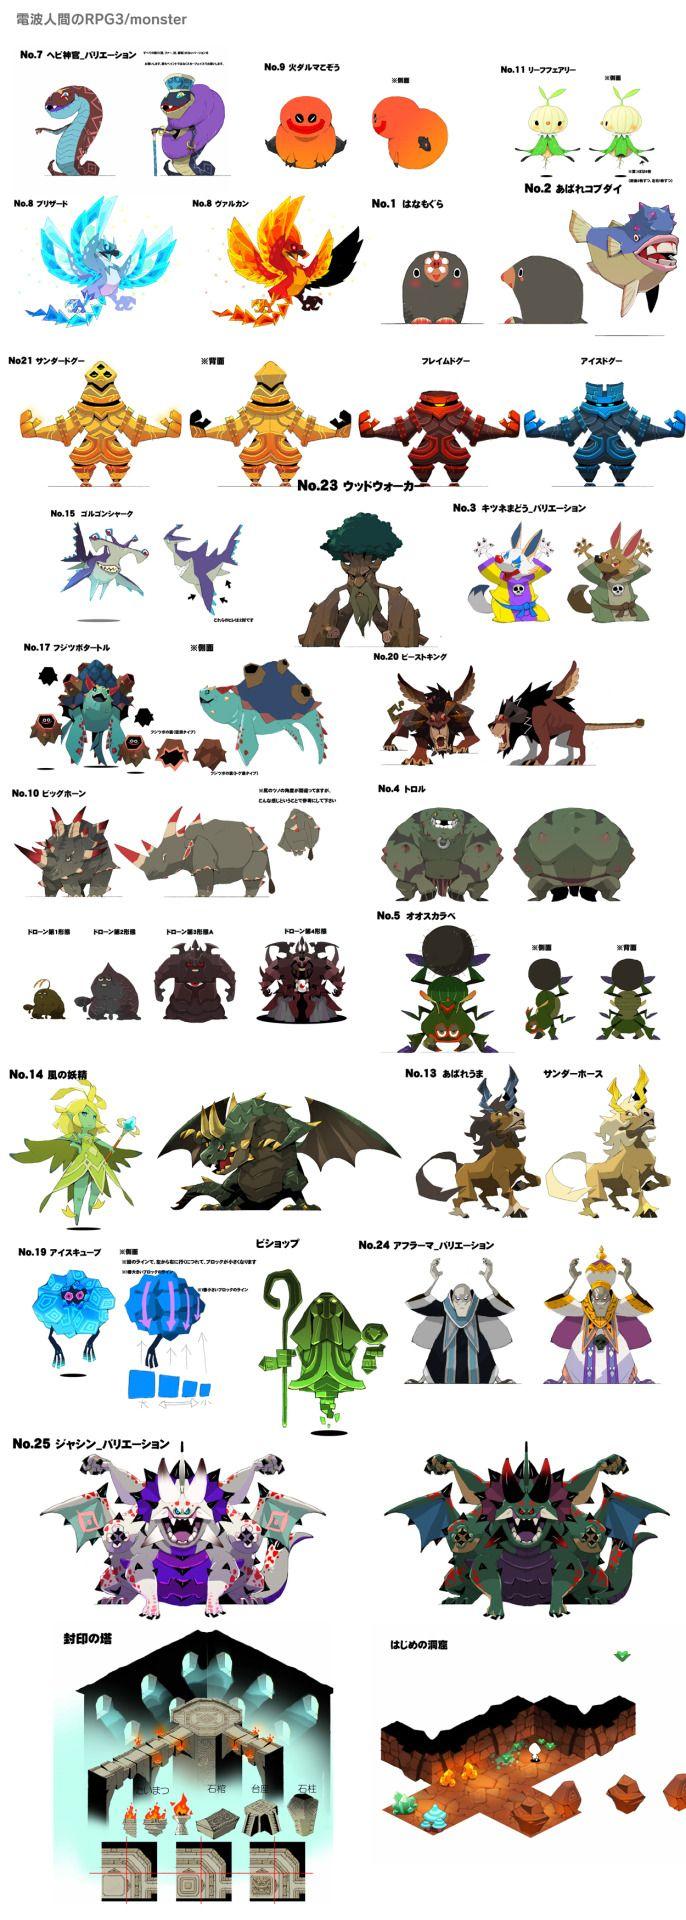 電波人間のRPG3のモンスターとダンジョンデザインを少し。 あばれコブダイ…、名前もそのまま採用していただいて嬉しかったですね。